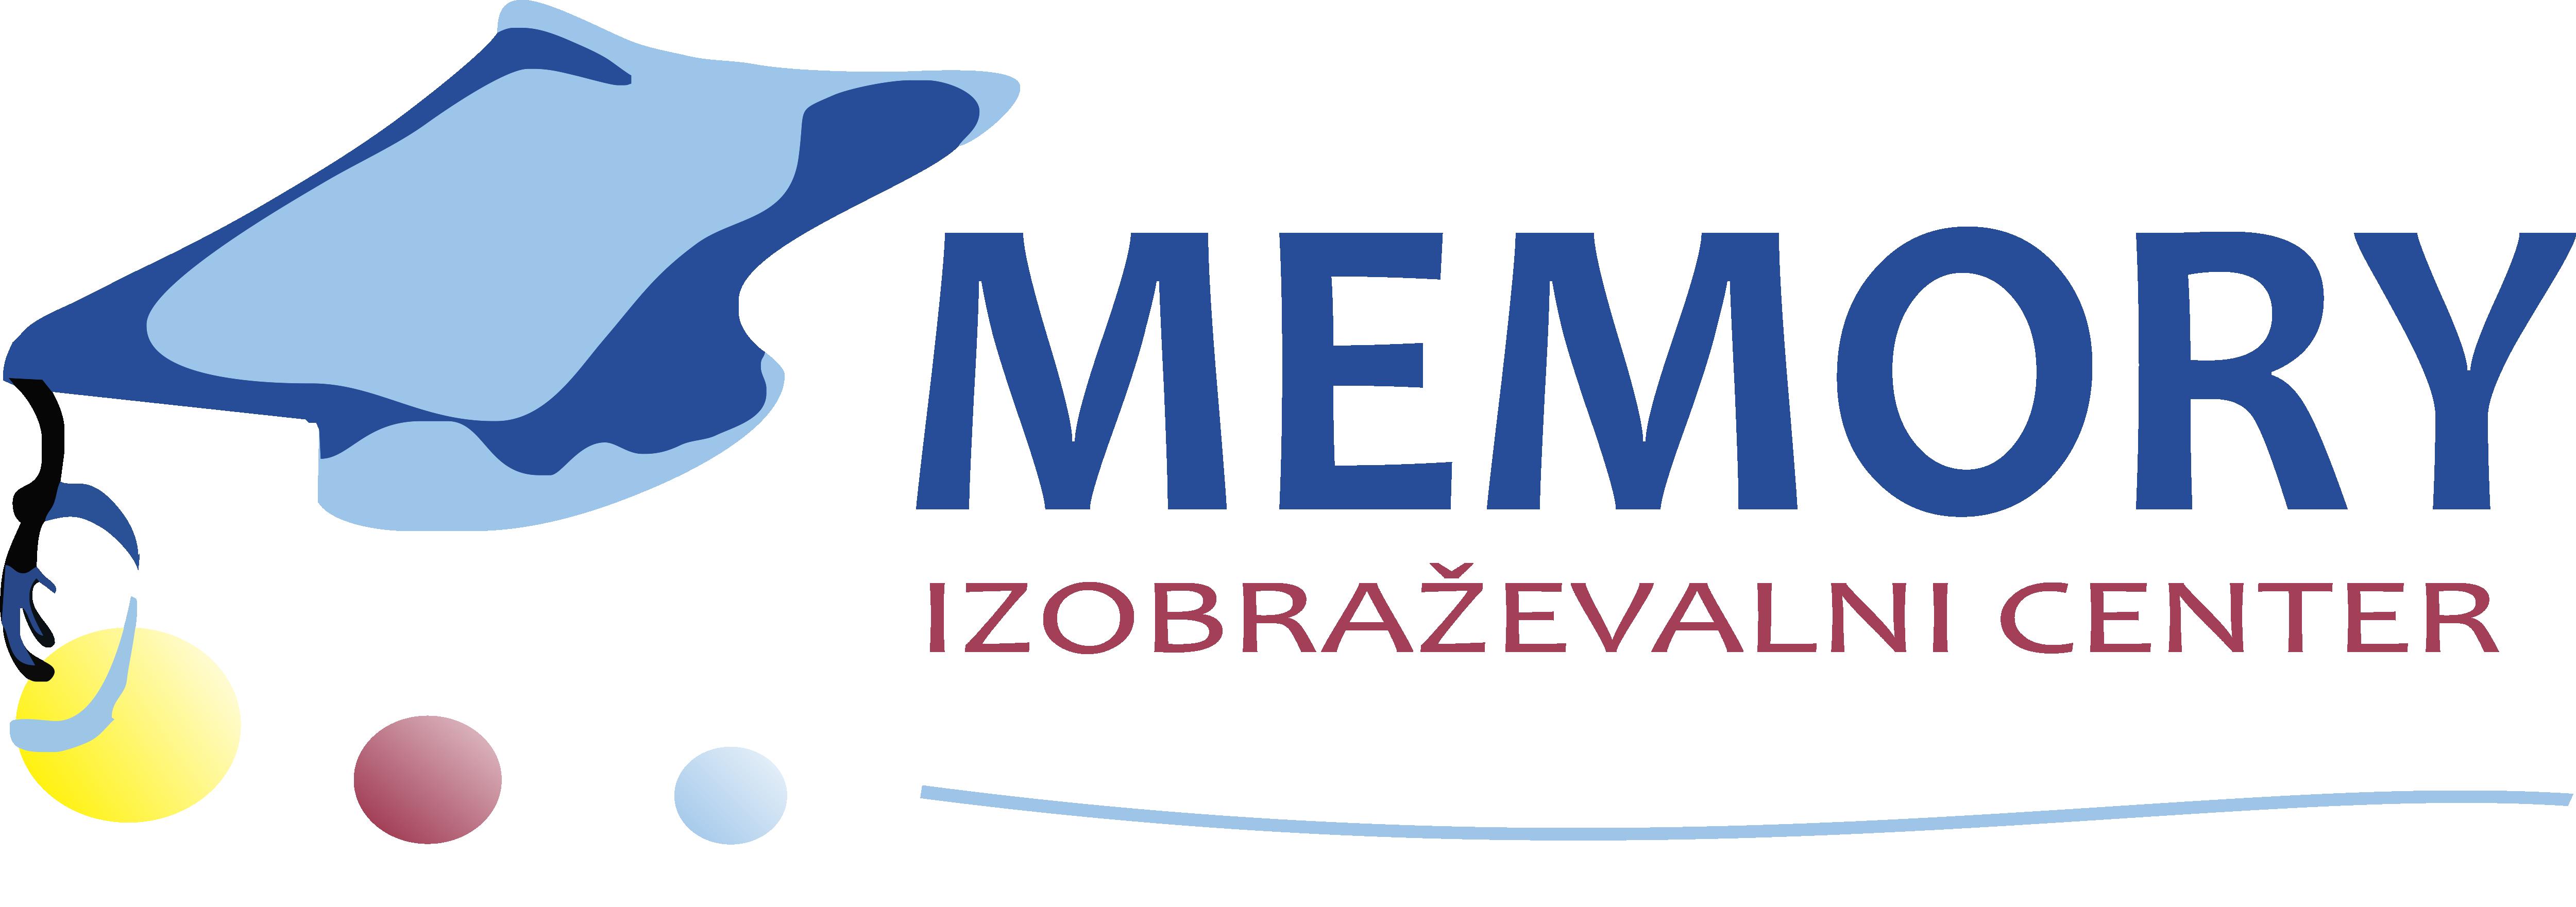 Izobraževalni center Memory